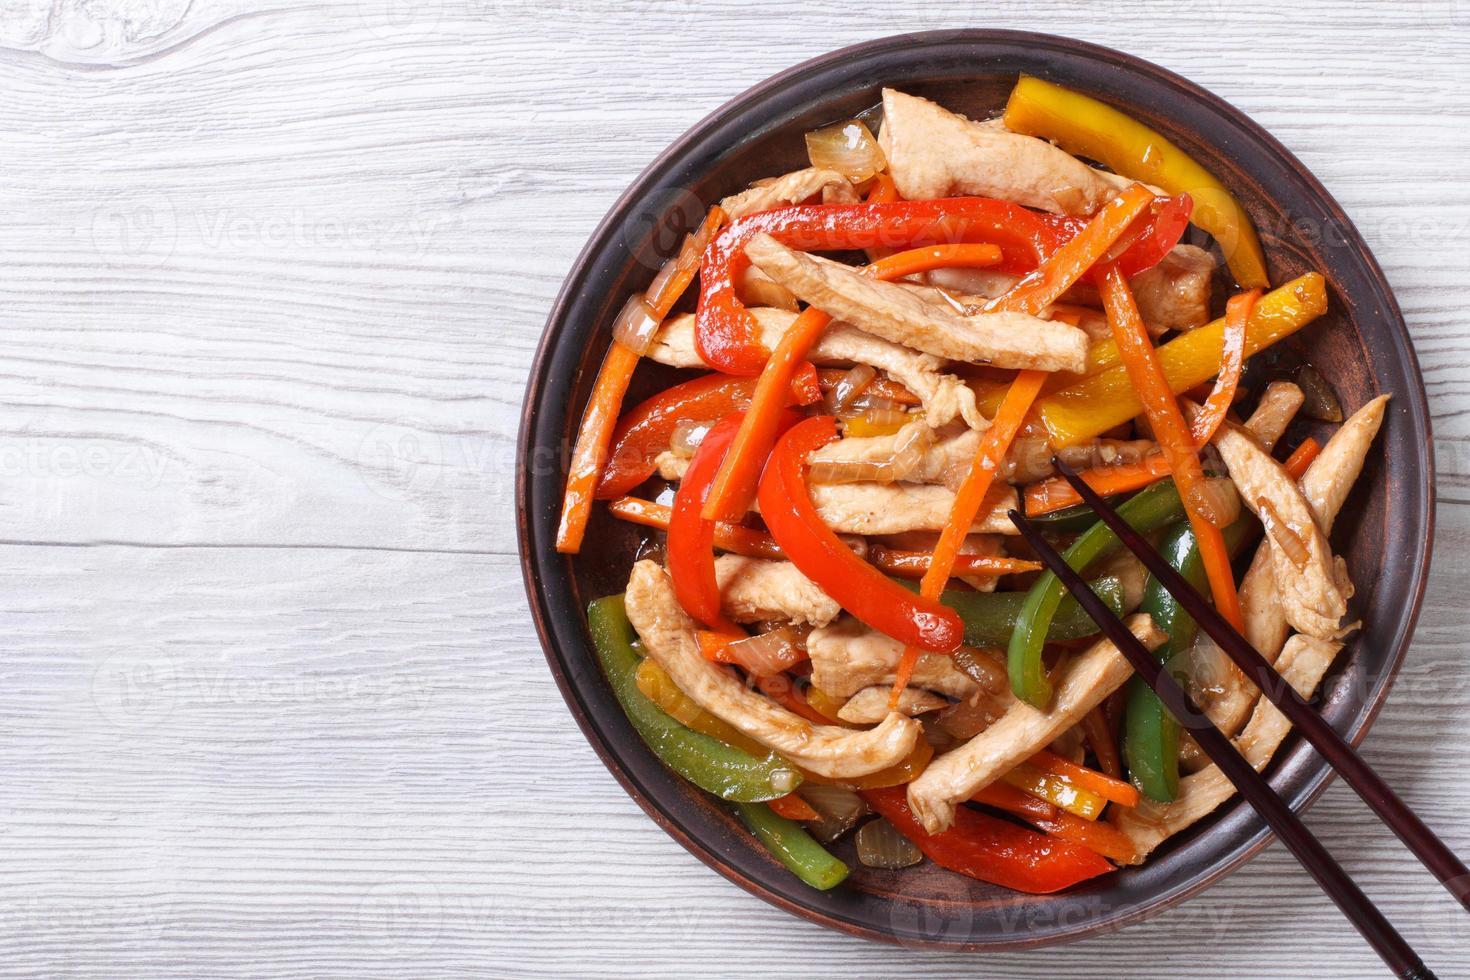 asiatisk mat: kyckling i söt och sur sås med grönsaker foto